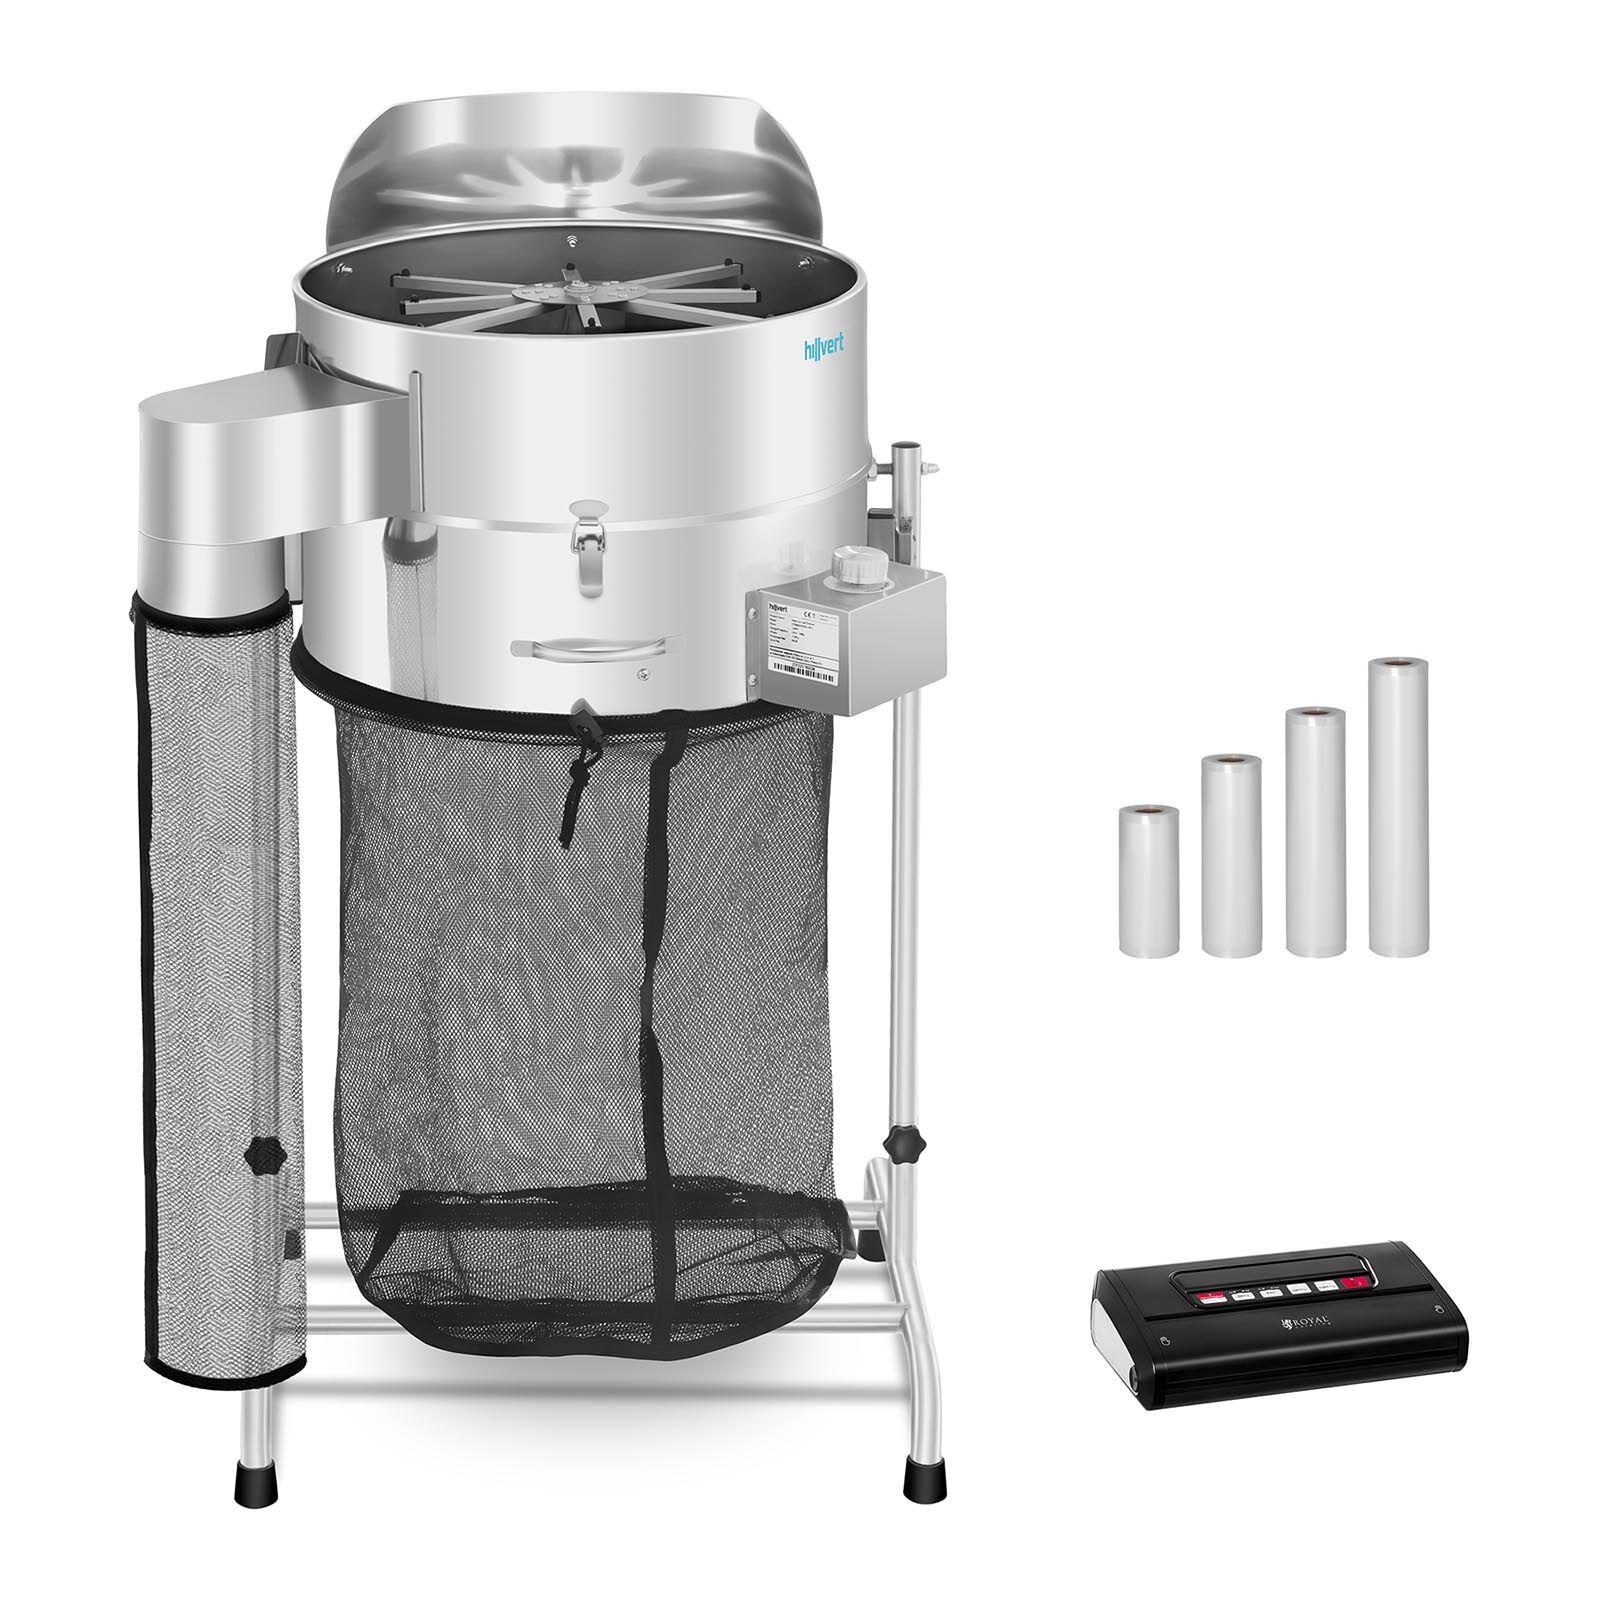 hillvert Machine à manucurer électrique - Set - Ø 42 cm - Machine sous vide alimentaire avec sachets - Balance de table HT-HOWSON-18TE Leaf Trimmer Set 3